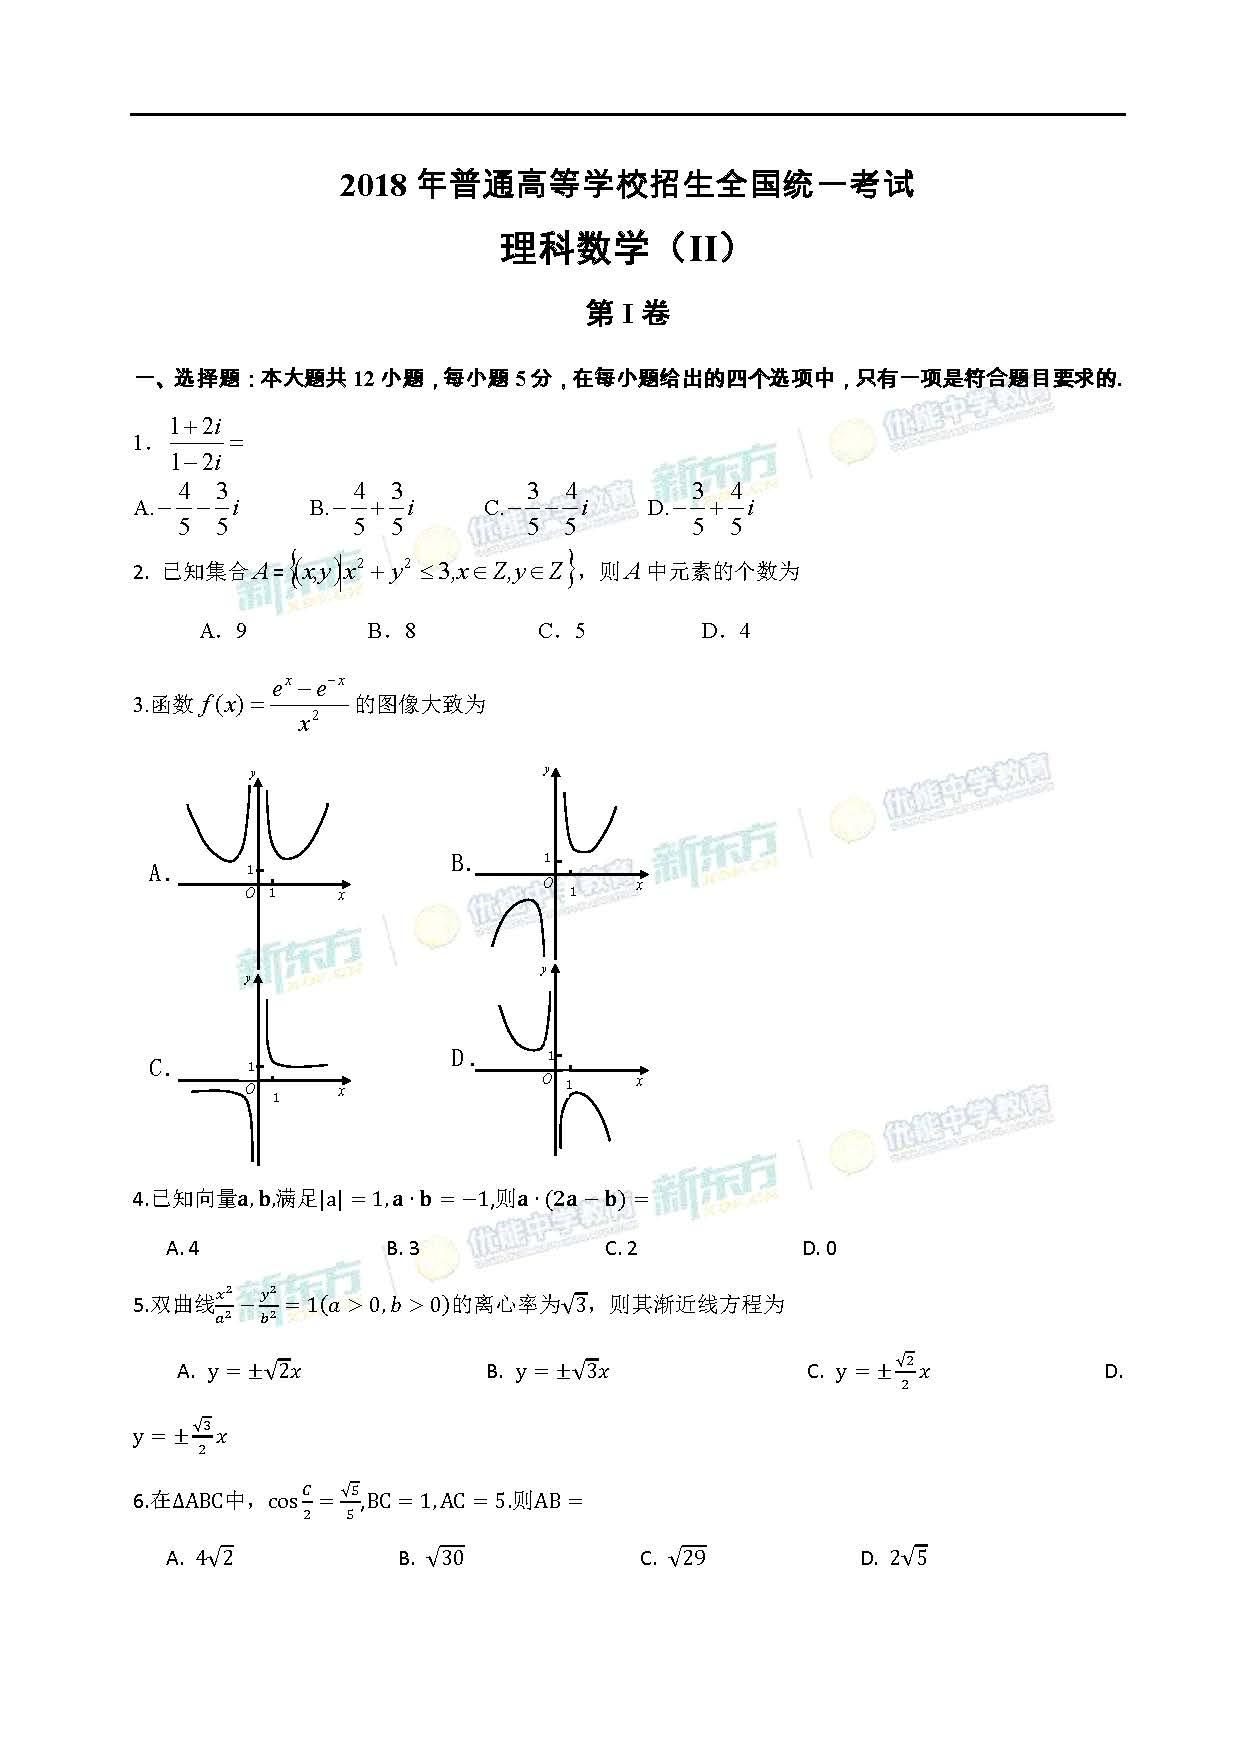 2018全国卷2高考数学理试卷(乌鲁木齐新东方)